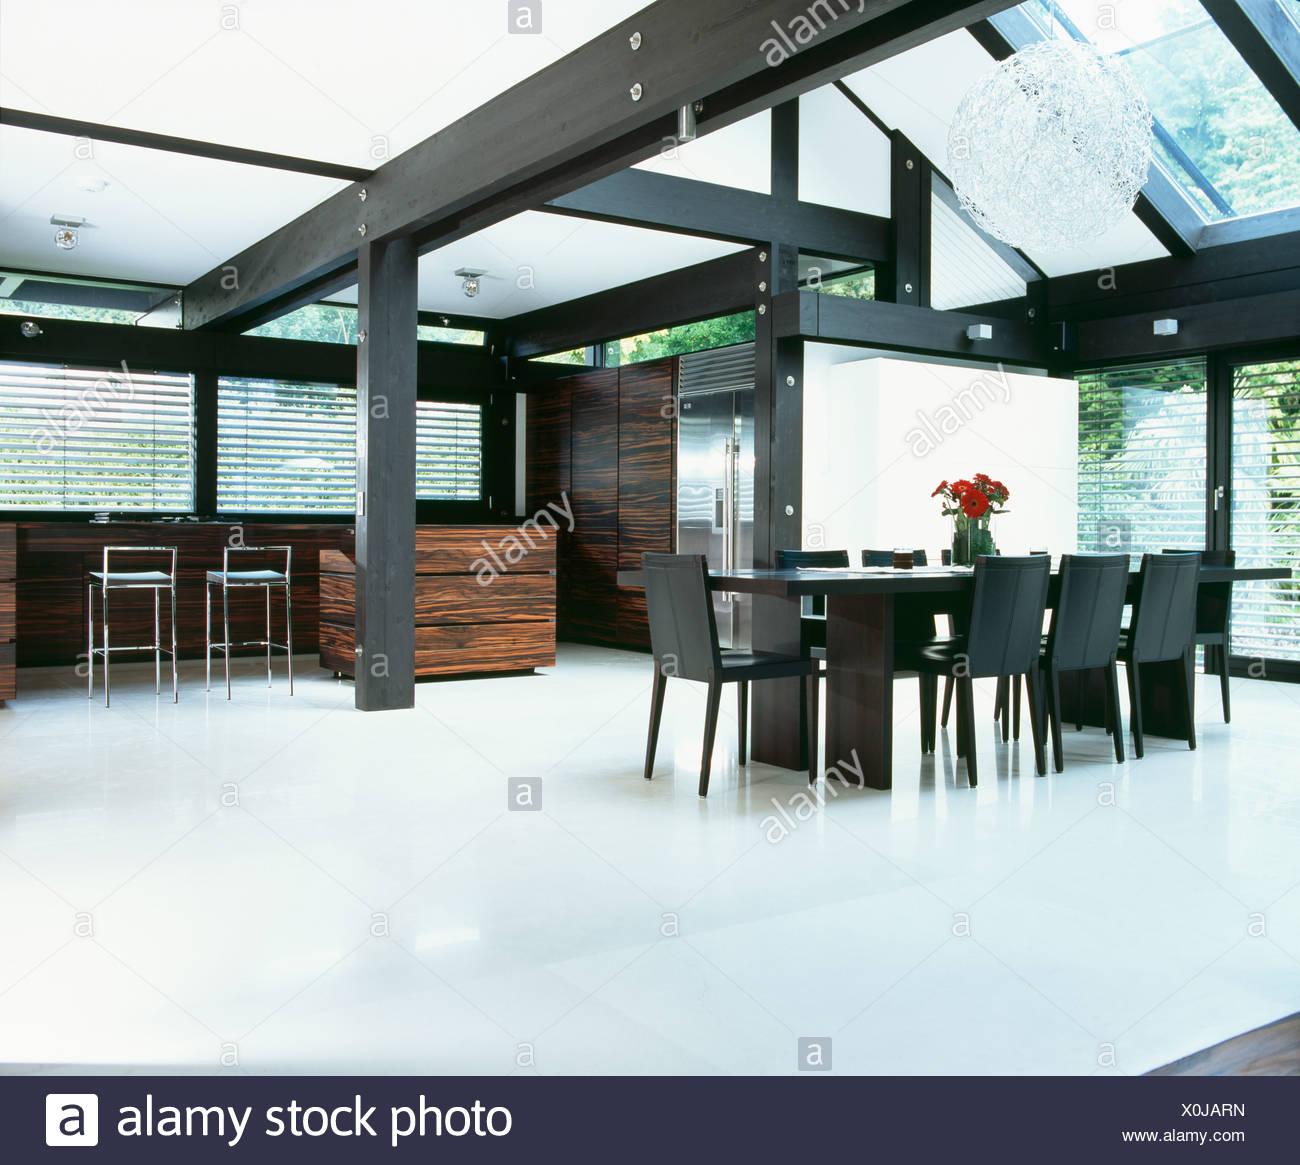 https www alamyimages fr parquet et poutres blanc noir blanc dans une grande salle a manger avec table et chaises noir image275769529 html